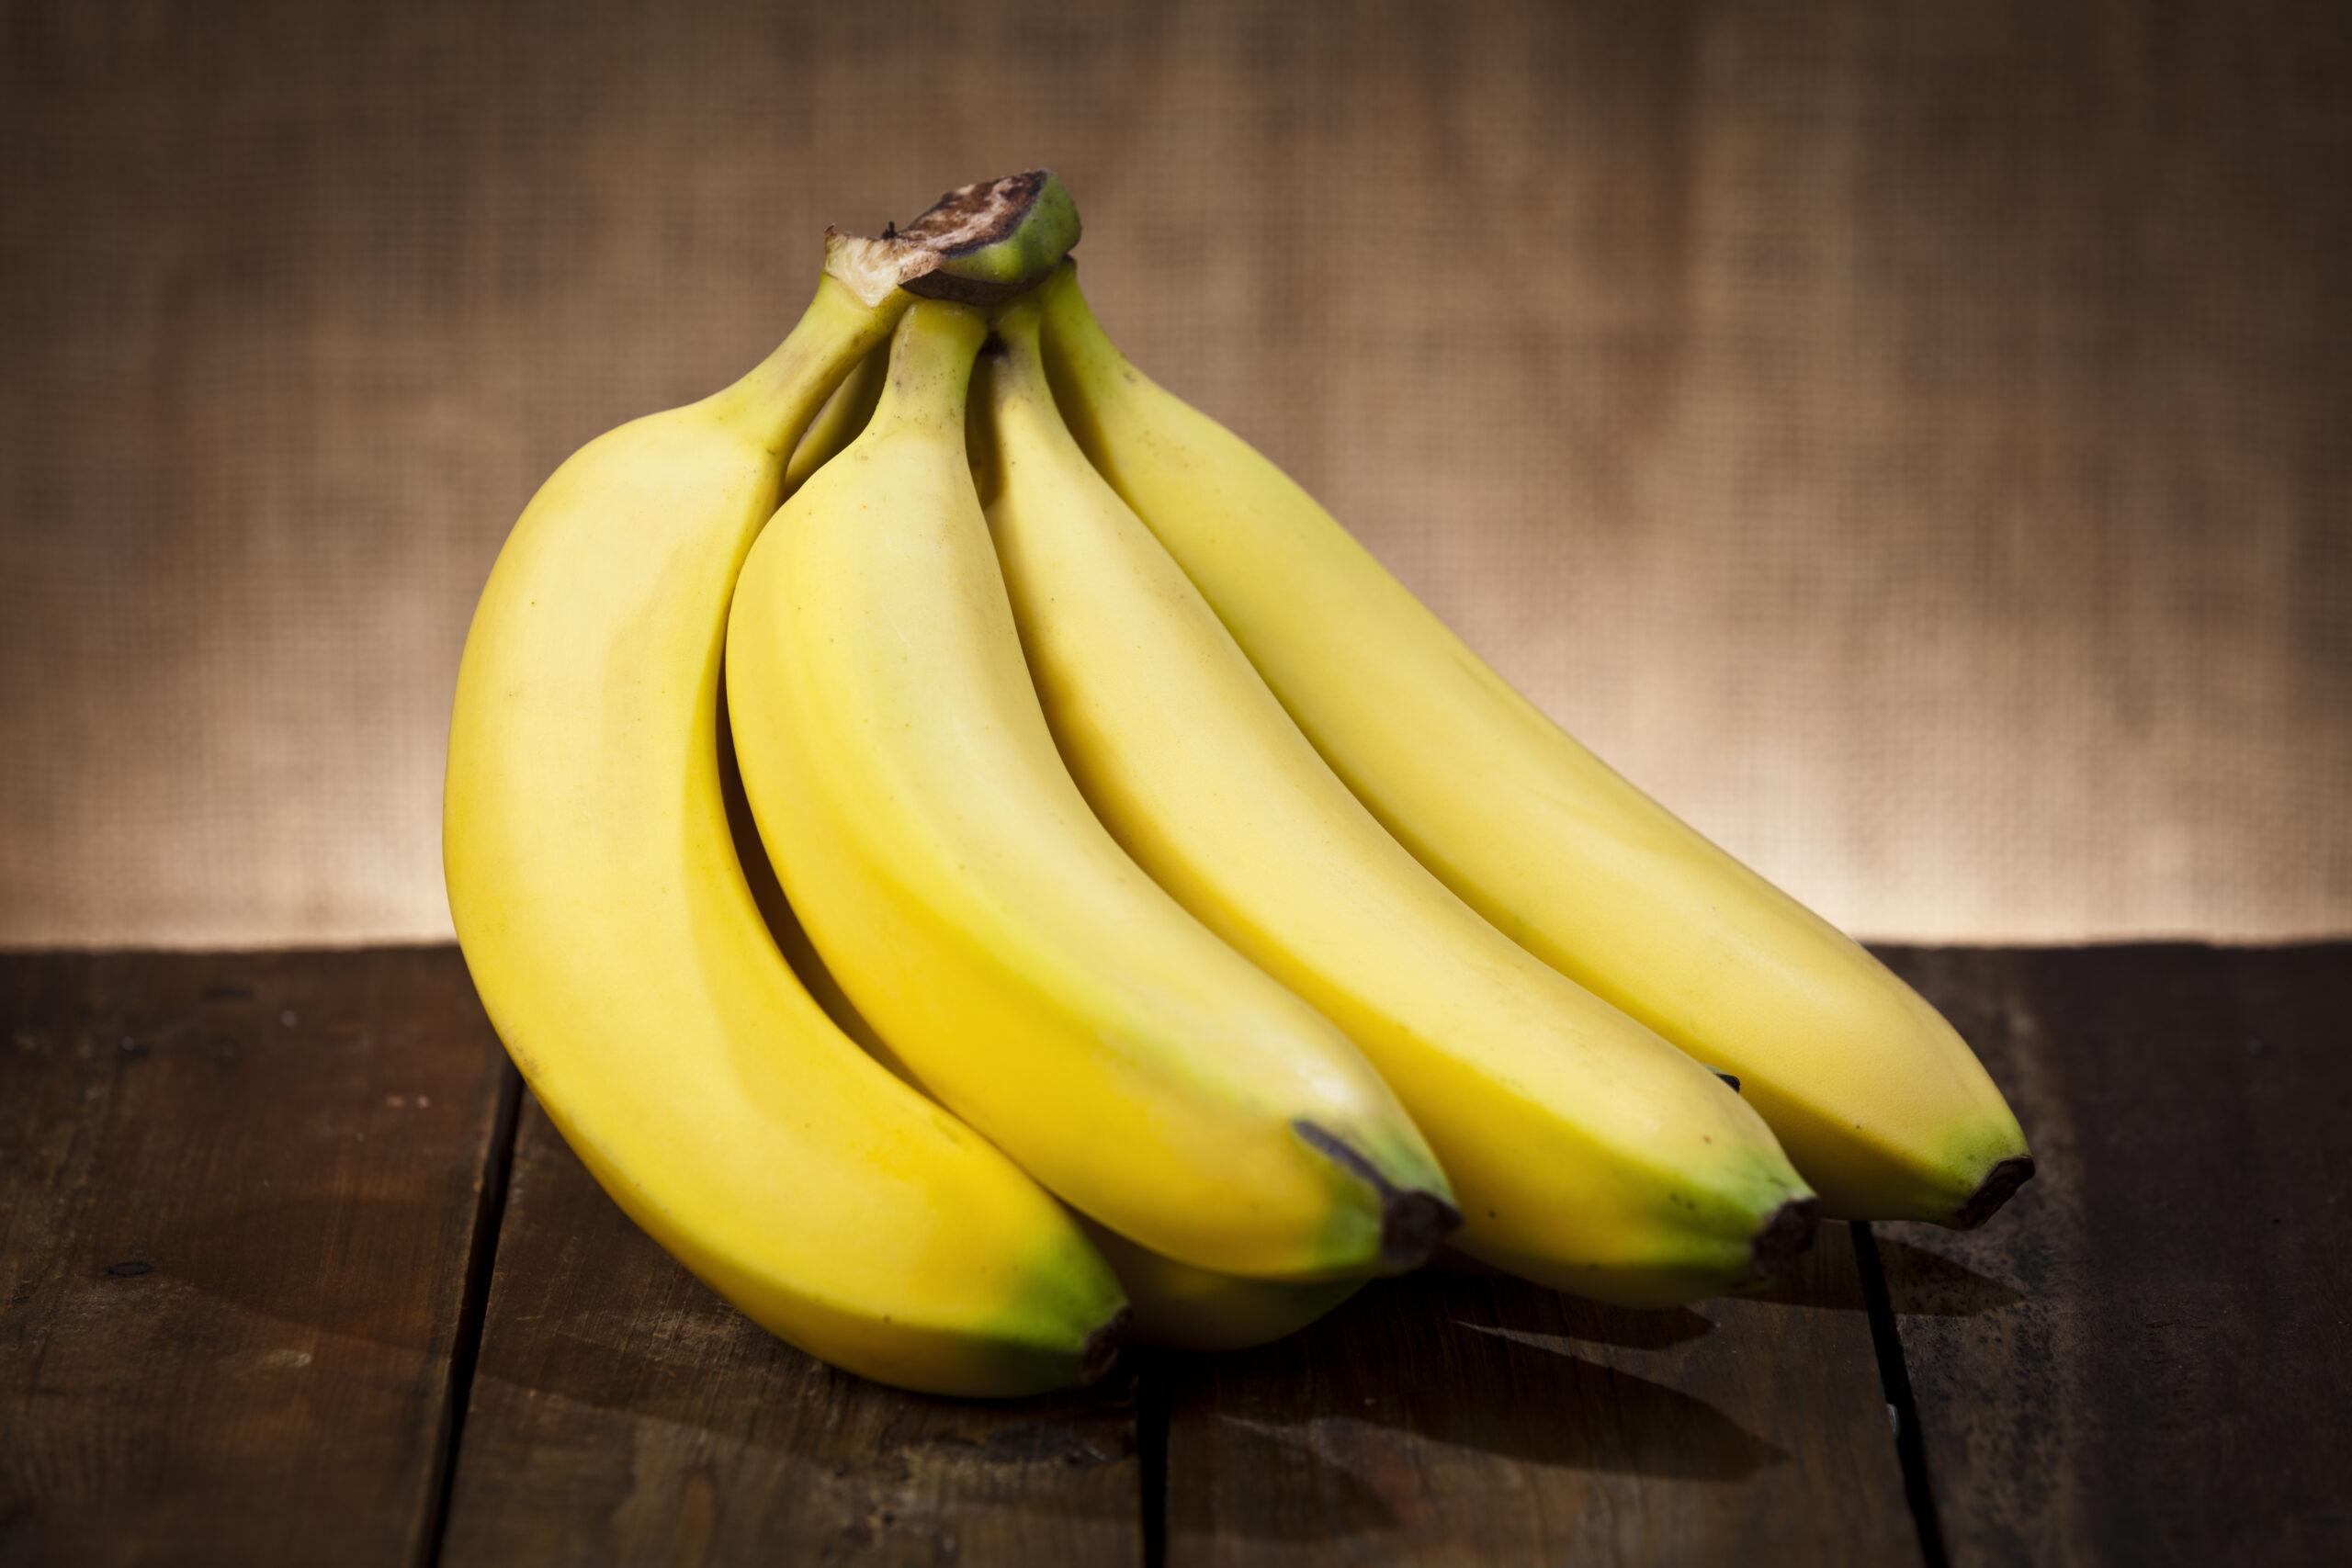 Är ekologiska bananer nyttigare?